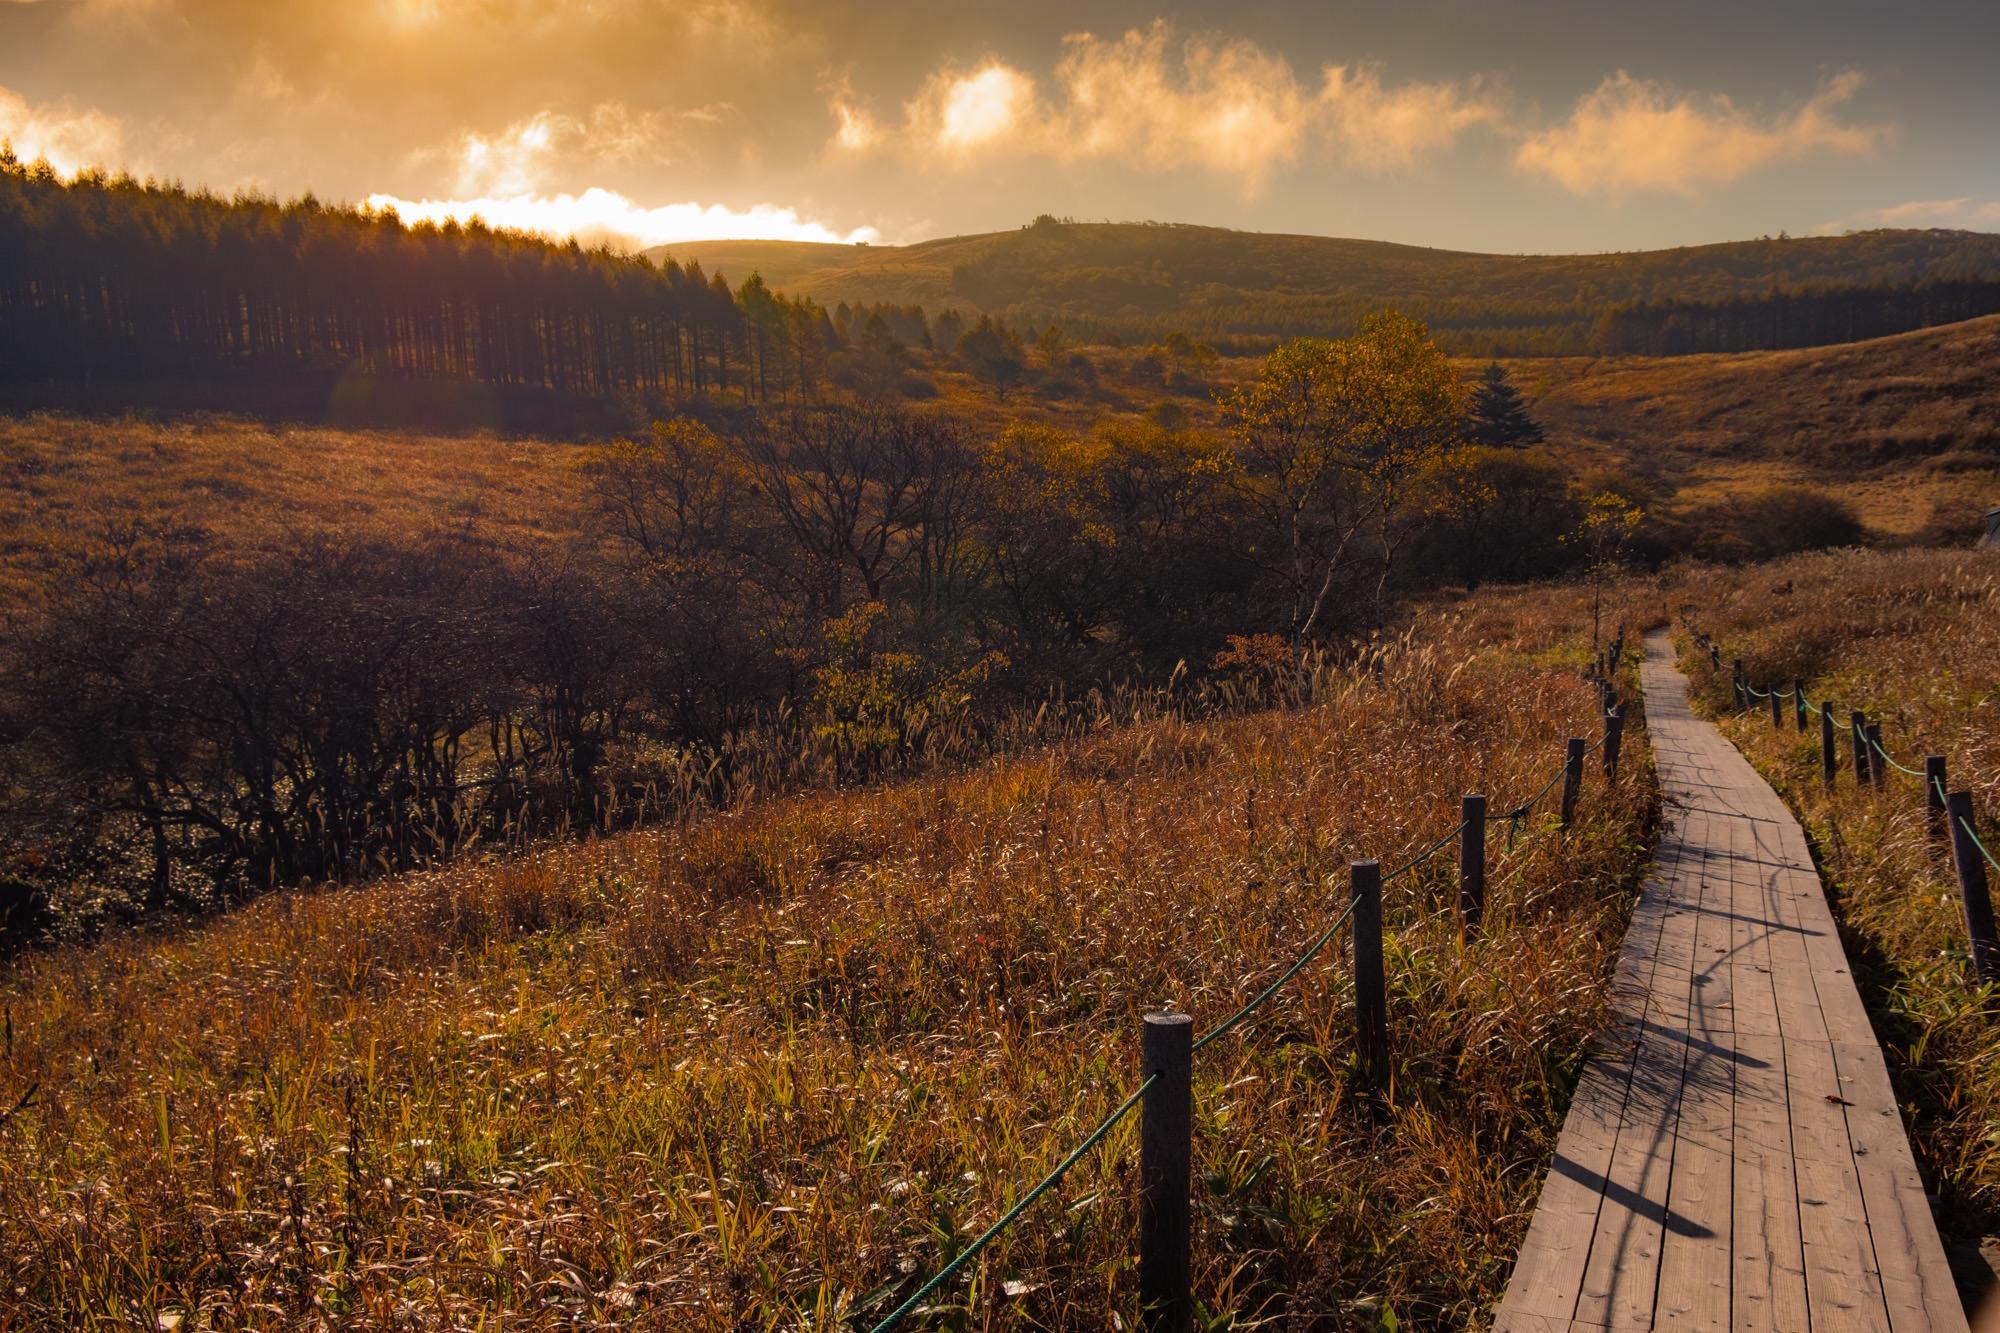 秋の霧ヶ峰の木道